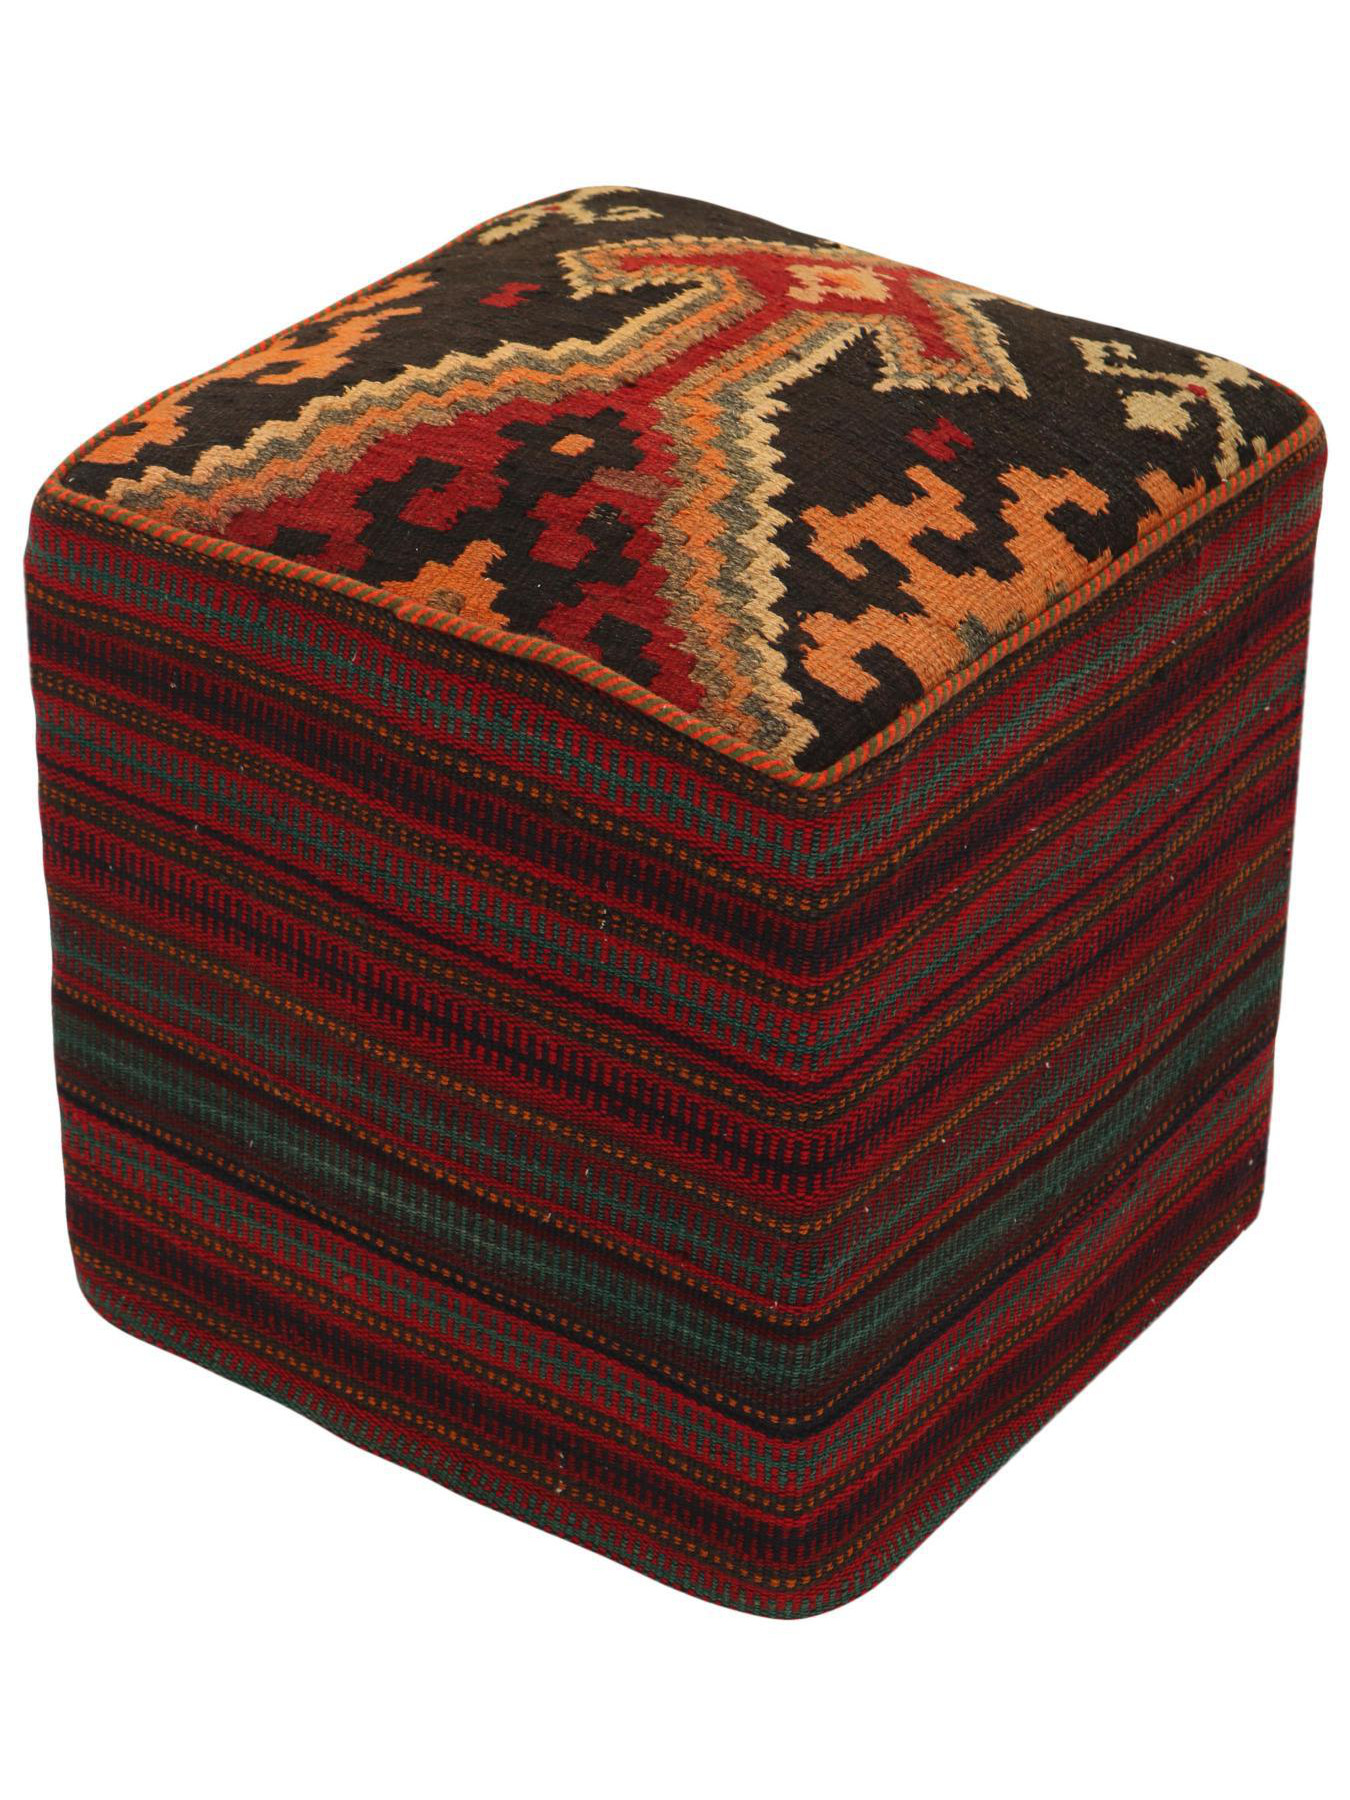 Poufs persans - Pouf Farsi